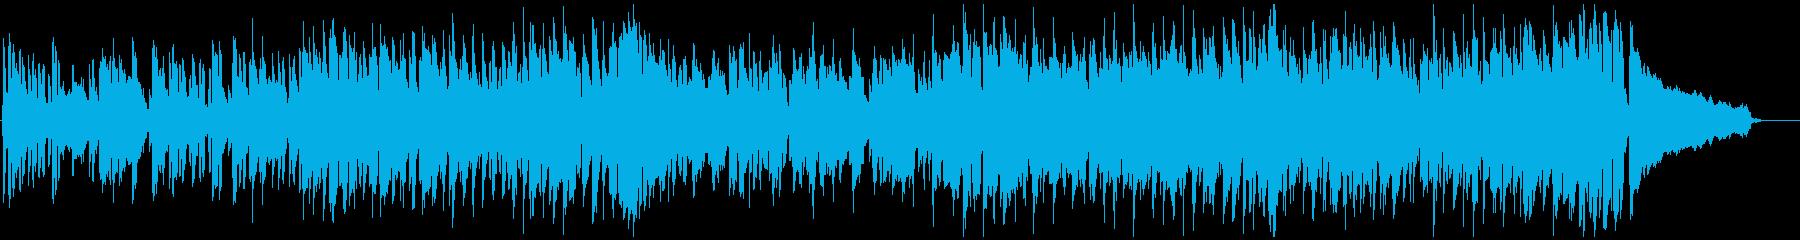 とぼけた脱力系リコーダーのコメディ劇伴の再生済みの波形